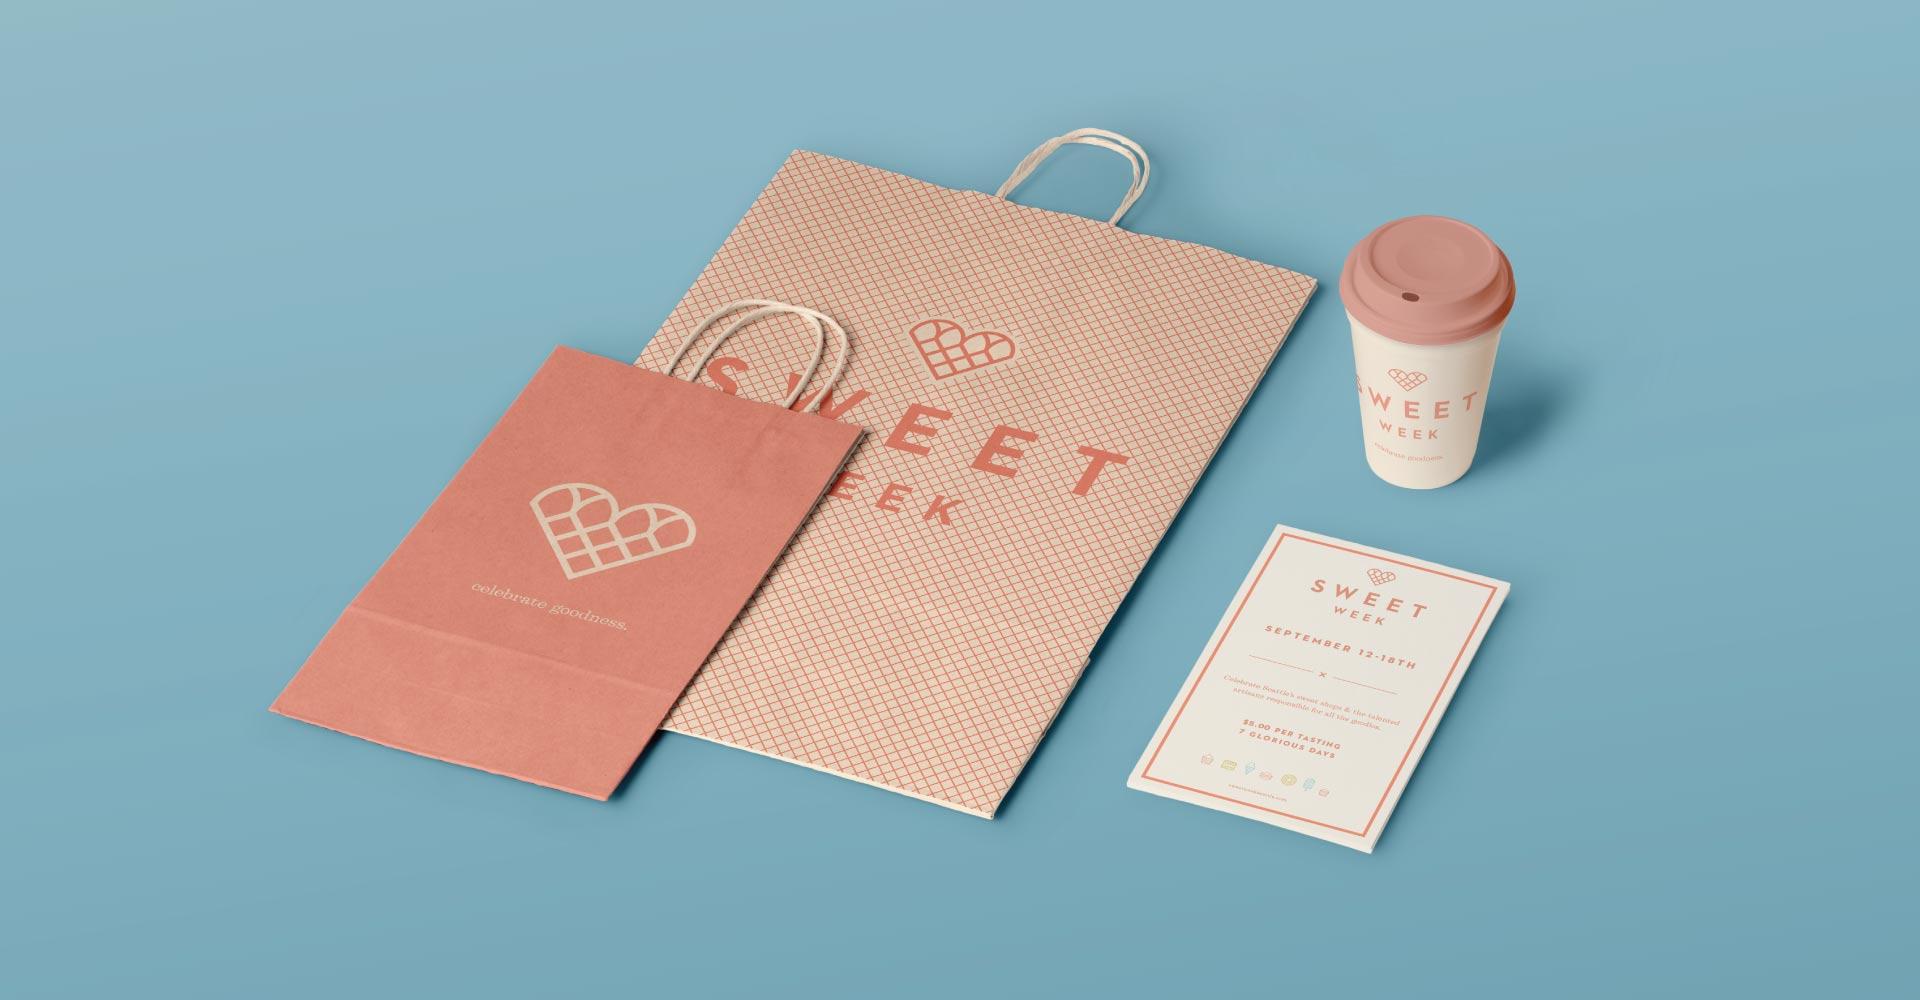 Creative_Retail_Packaging_Sweet_Week_Seattle_Branding_Design_05.jpg